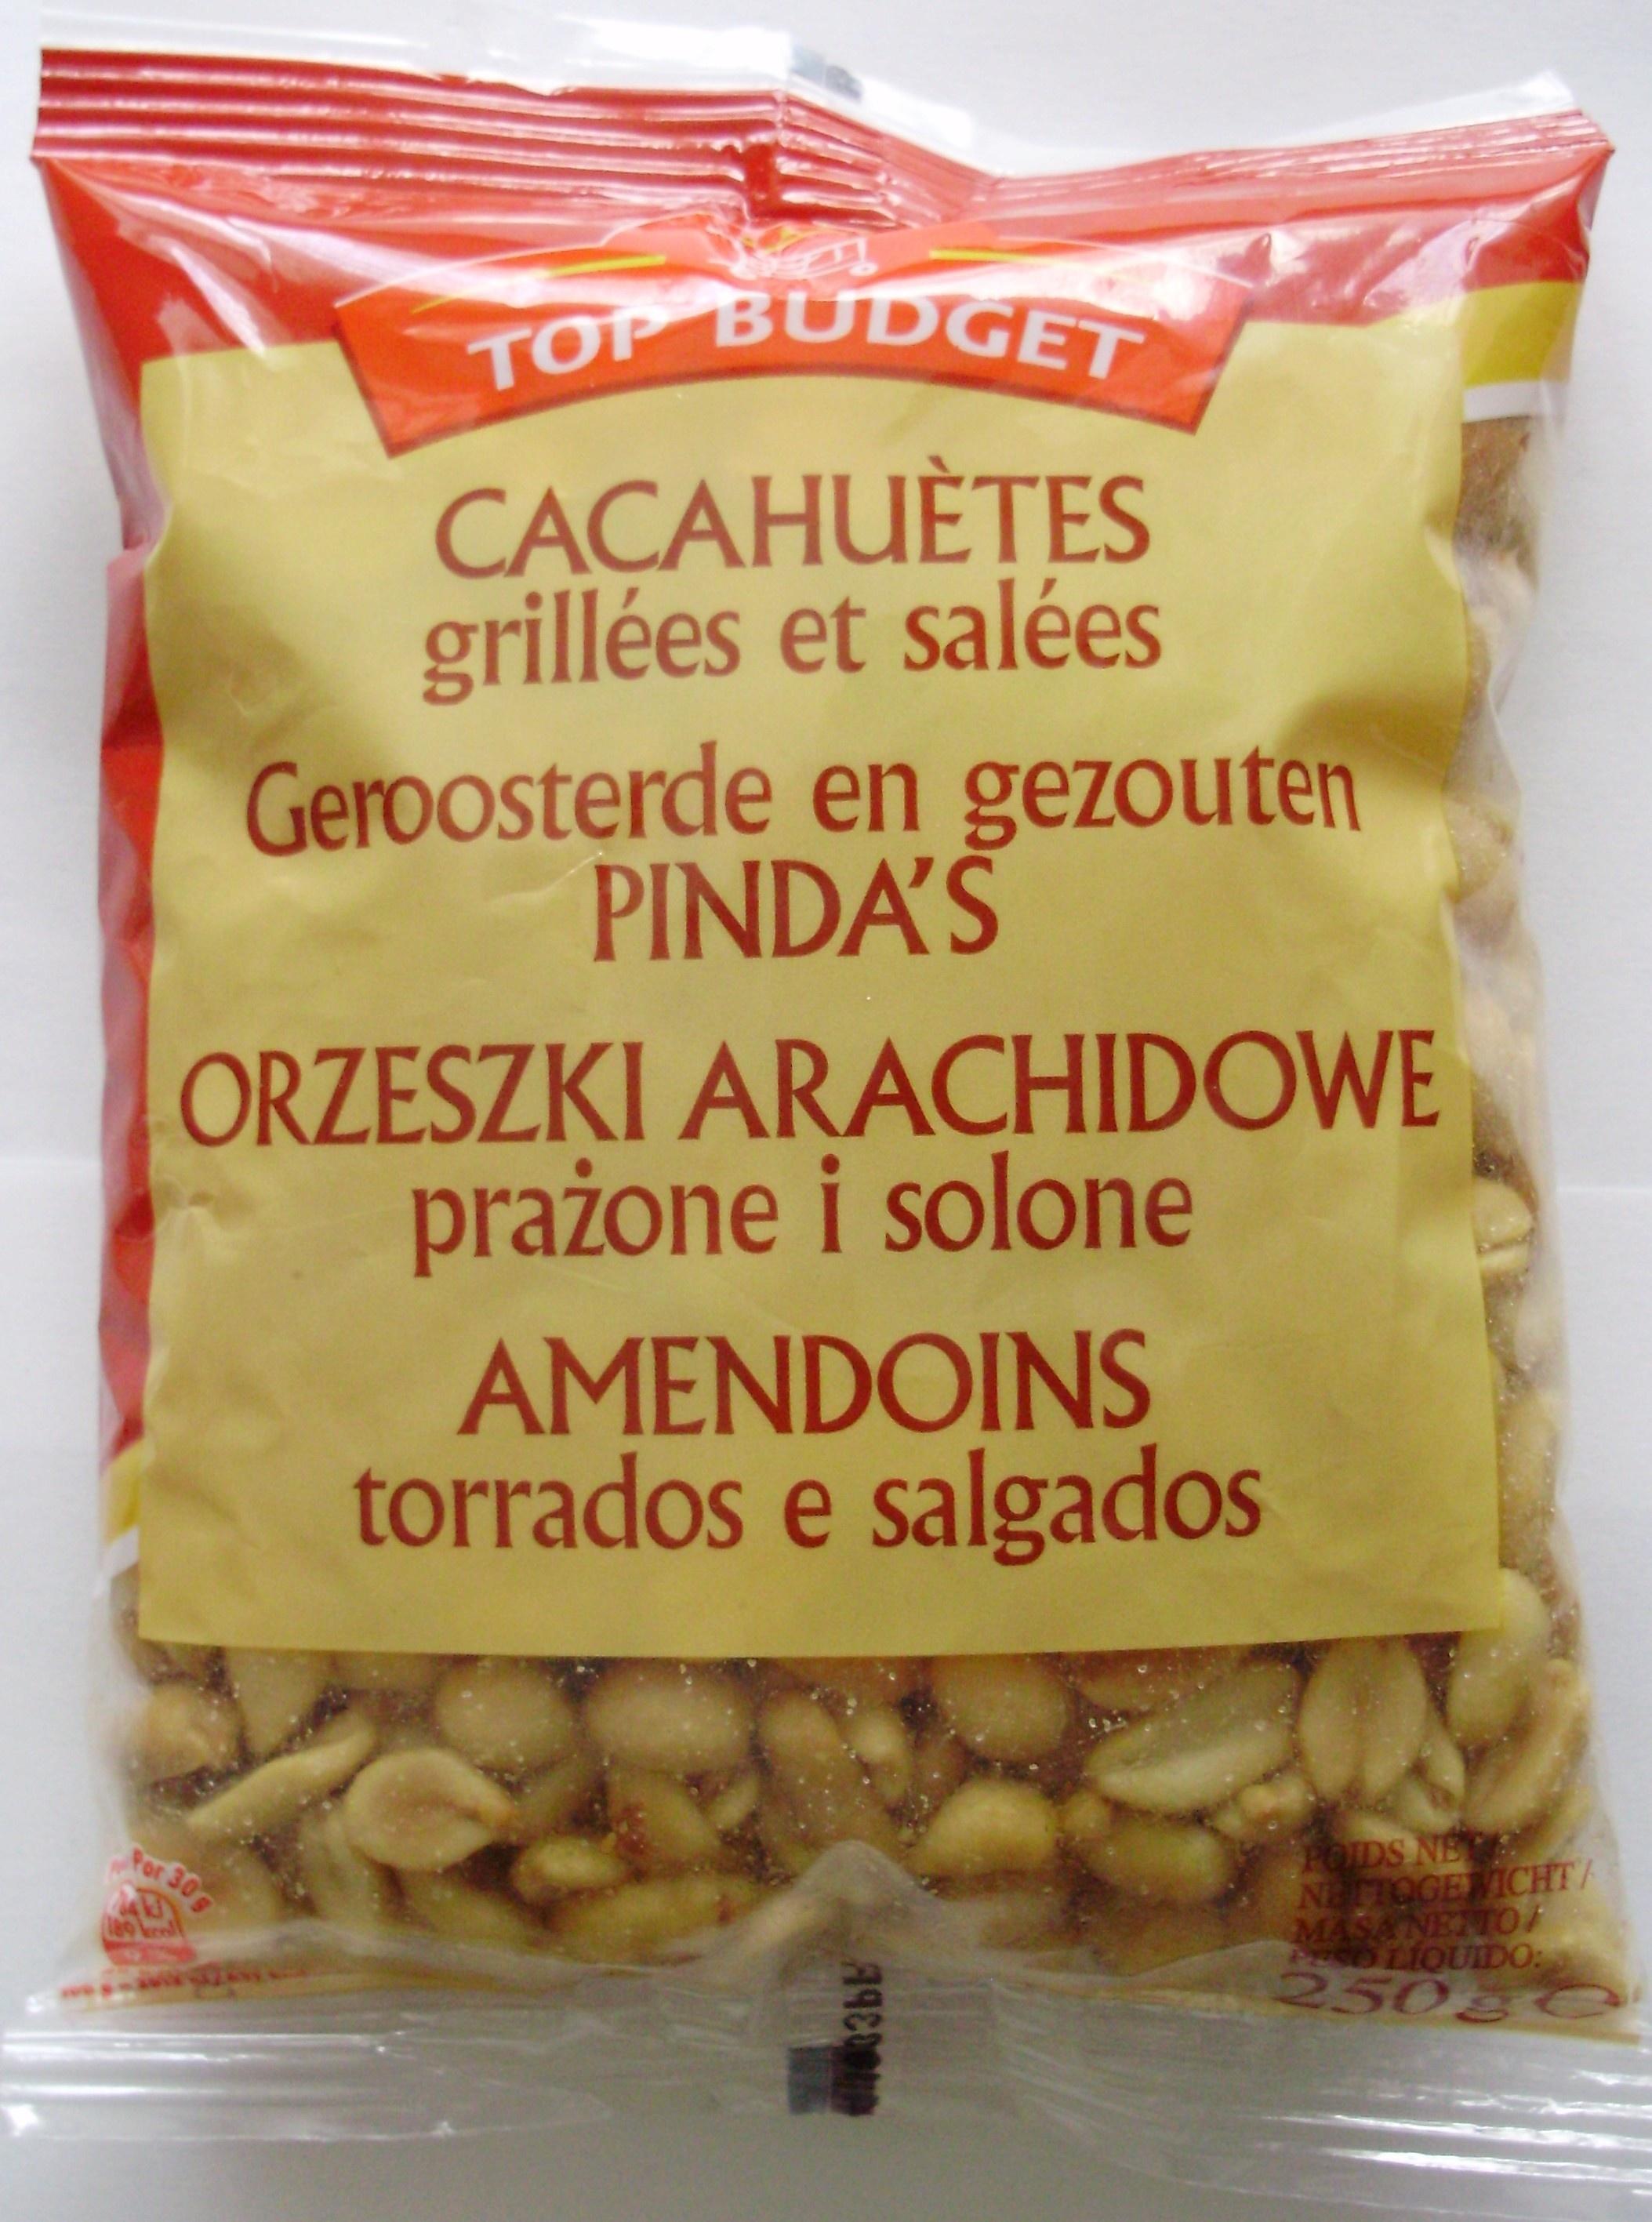 Cacahuètes grillées et salées - Produkt - pl